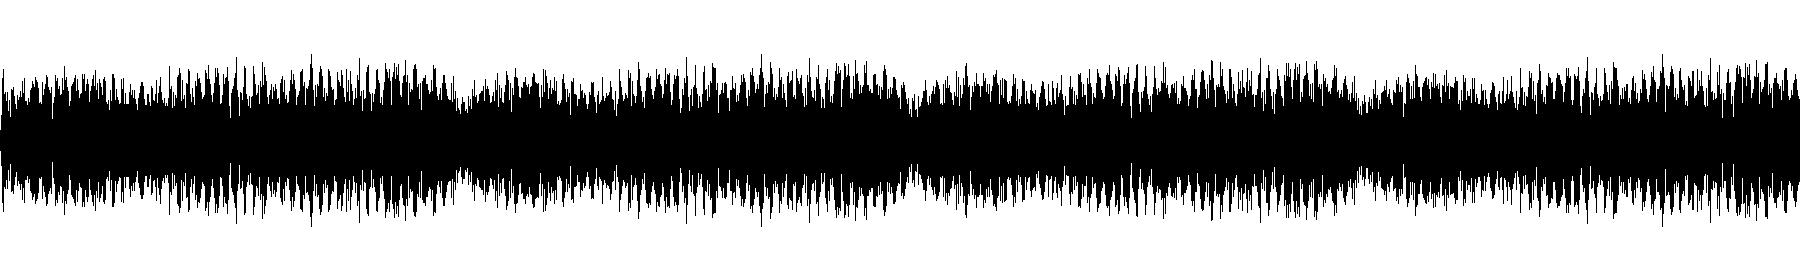 tfx texture 28